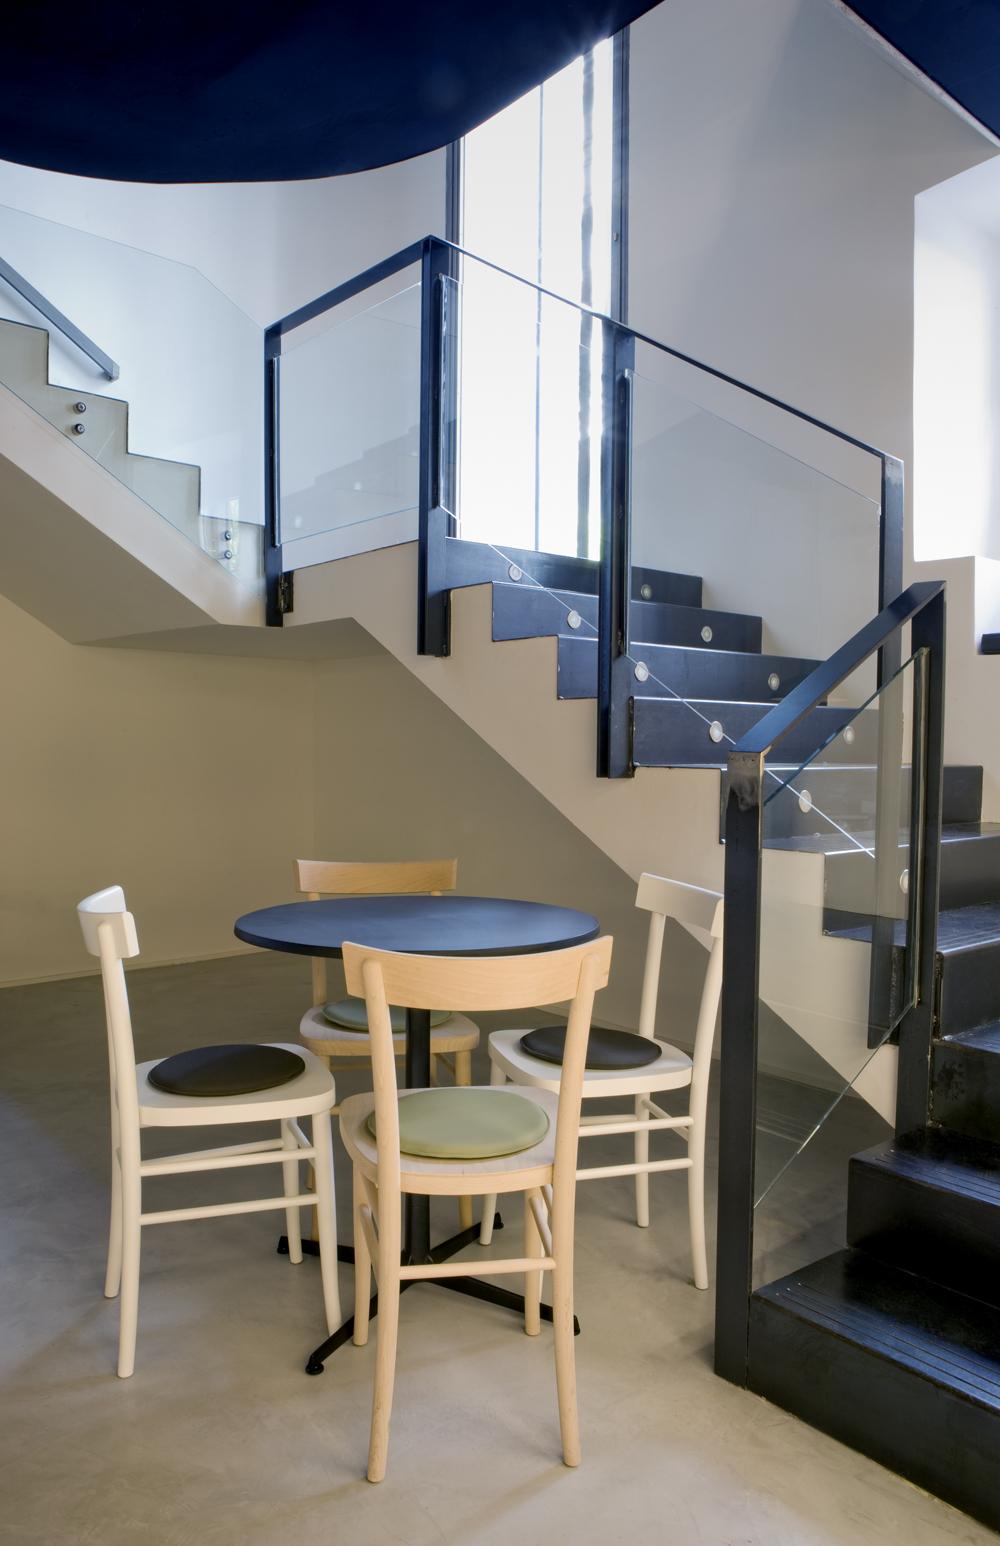 Escaleras A La Segunda Planta Despiertaymira